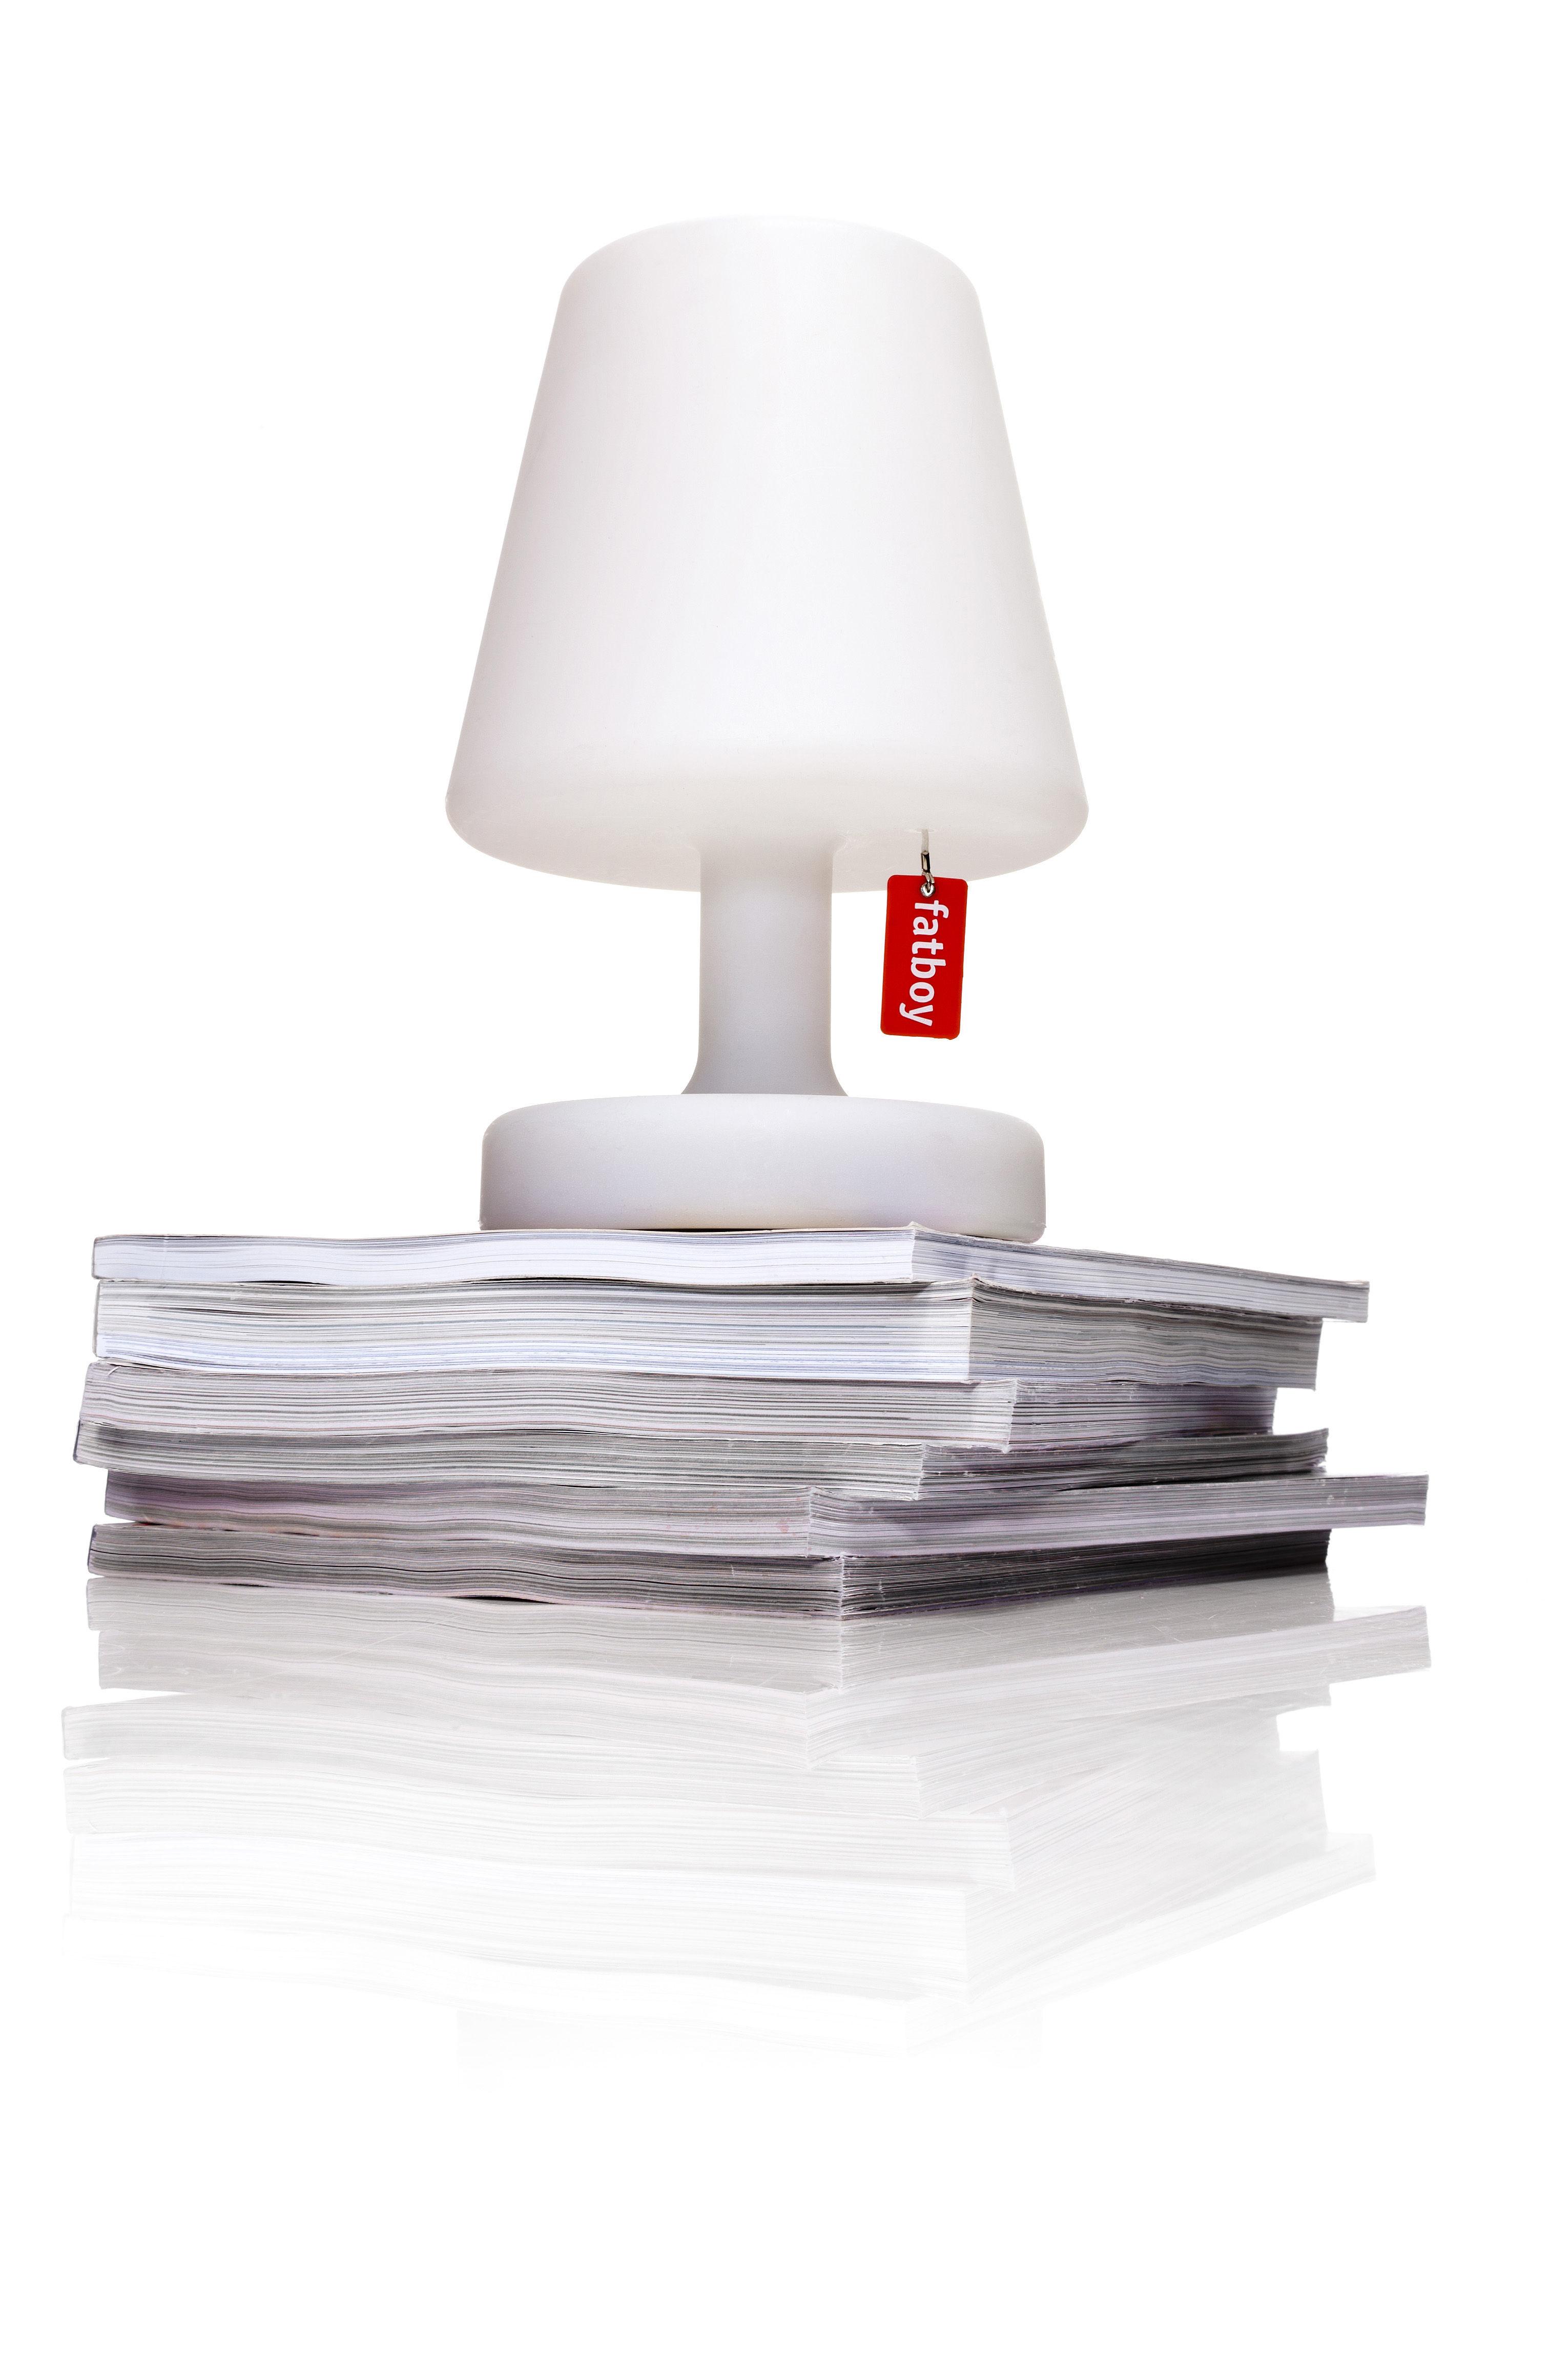 lampe de table edison the petit h 25 cm led rechargeable sur secteur blanc fatboy made. Black Bedroom Furniture Sets. Home Design Ideas